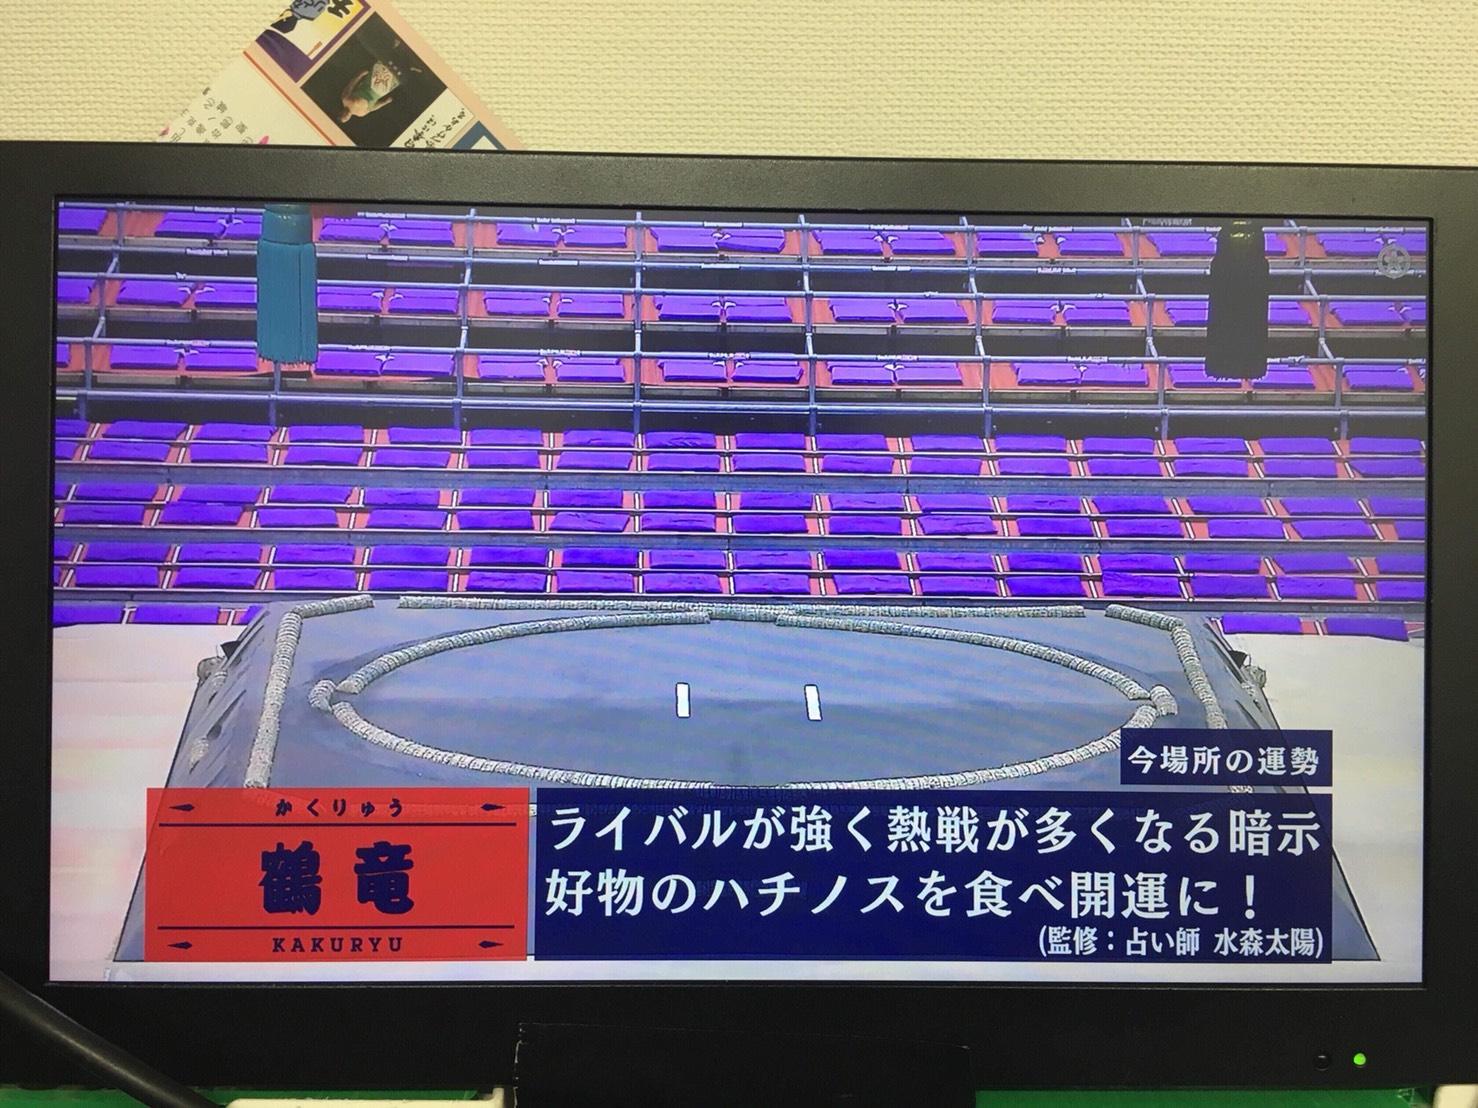 水森太陽先生がAbemaTV大相撲チャンネルの「力士占い」を監修!